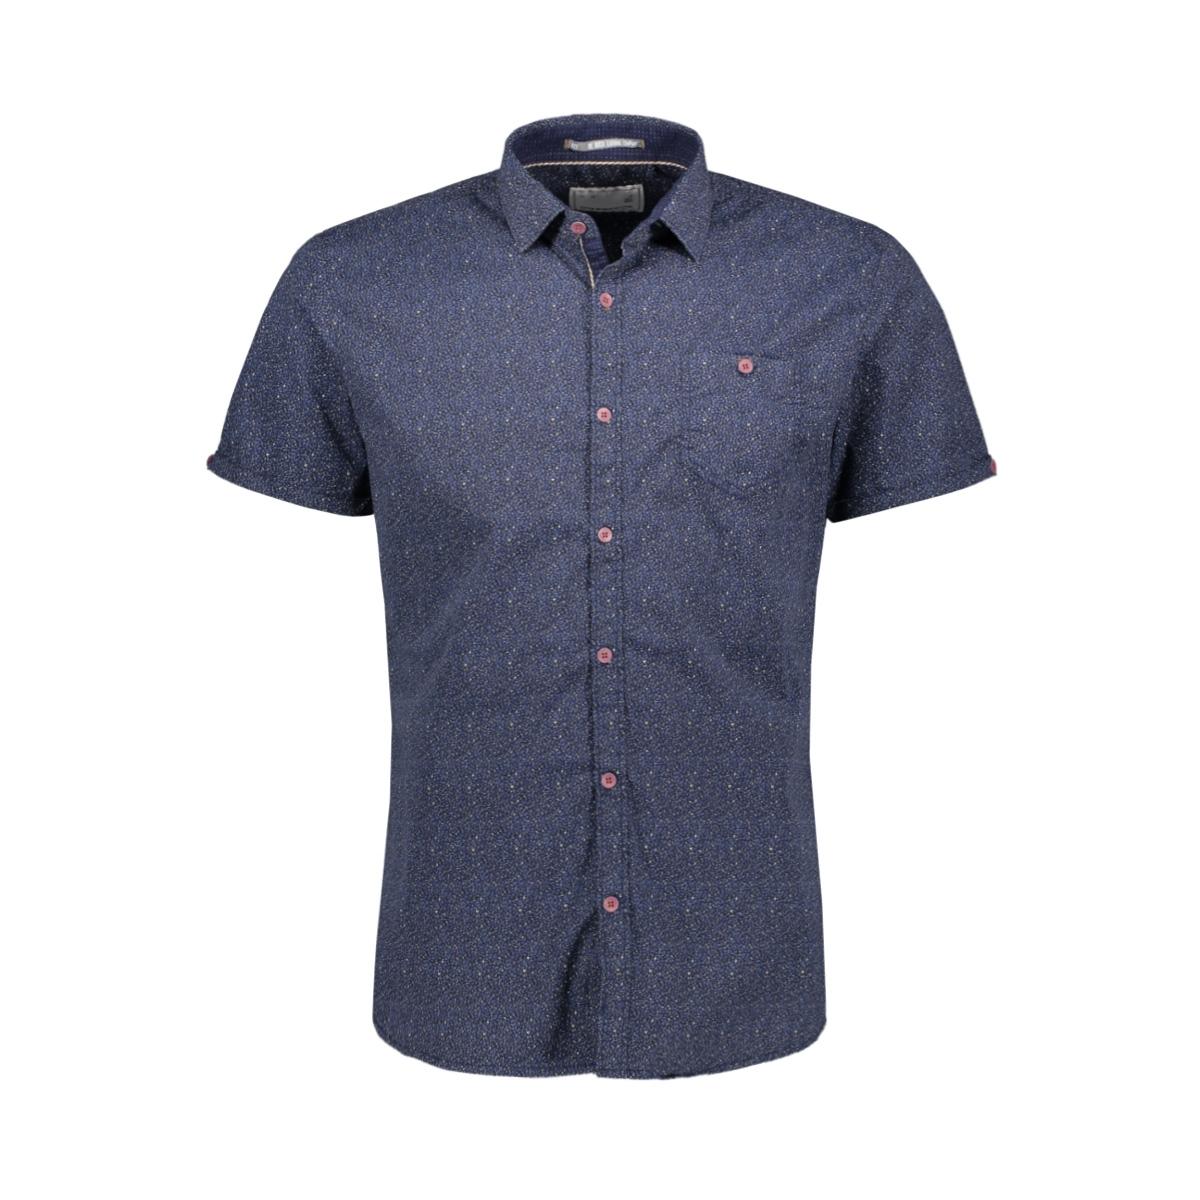 allover printed shirt 90460303 no-excess overhemd 136 indigo blue